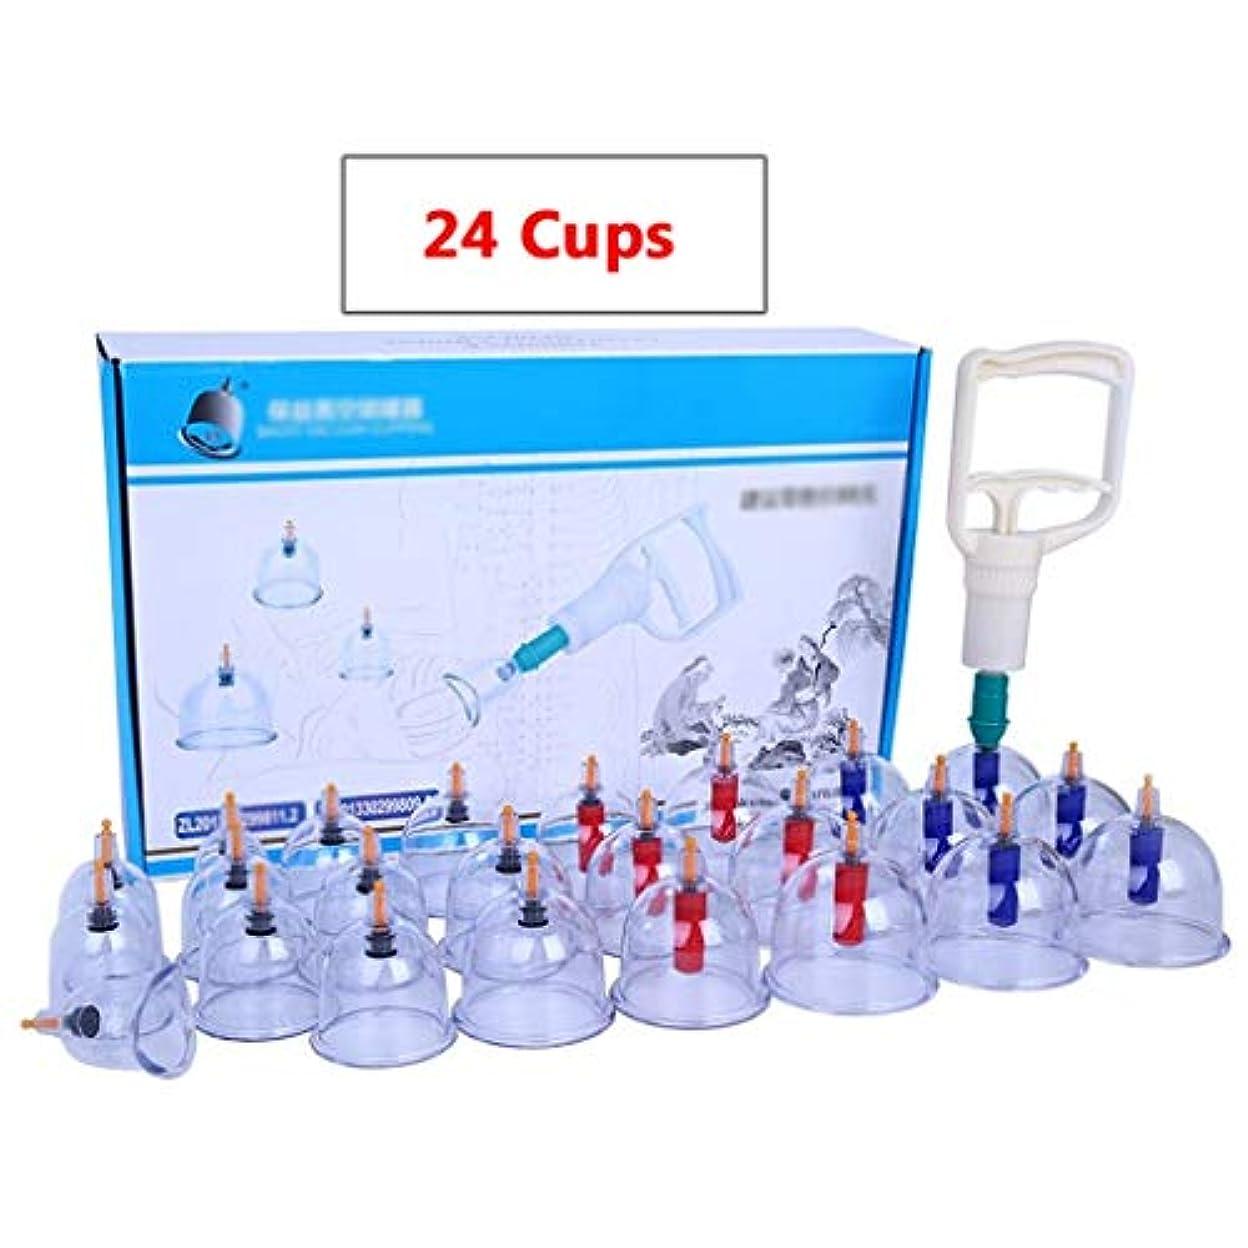 三メディア売り手真空カッピングキット、24カップ、ホームサクションカッピングセラピー、手動透明カッピング、中華カッピング (色 : 24 Cups)